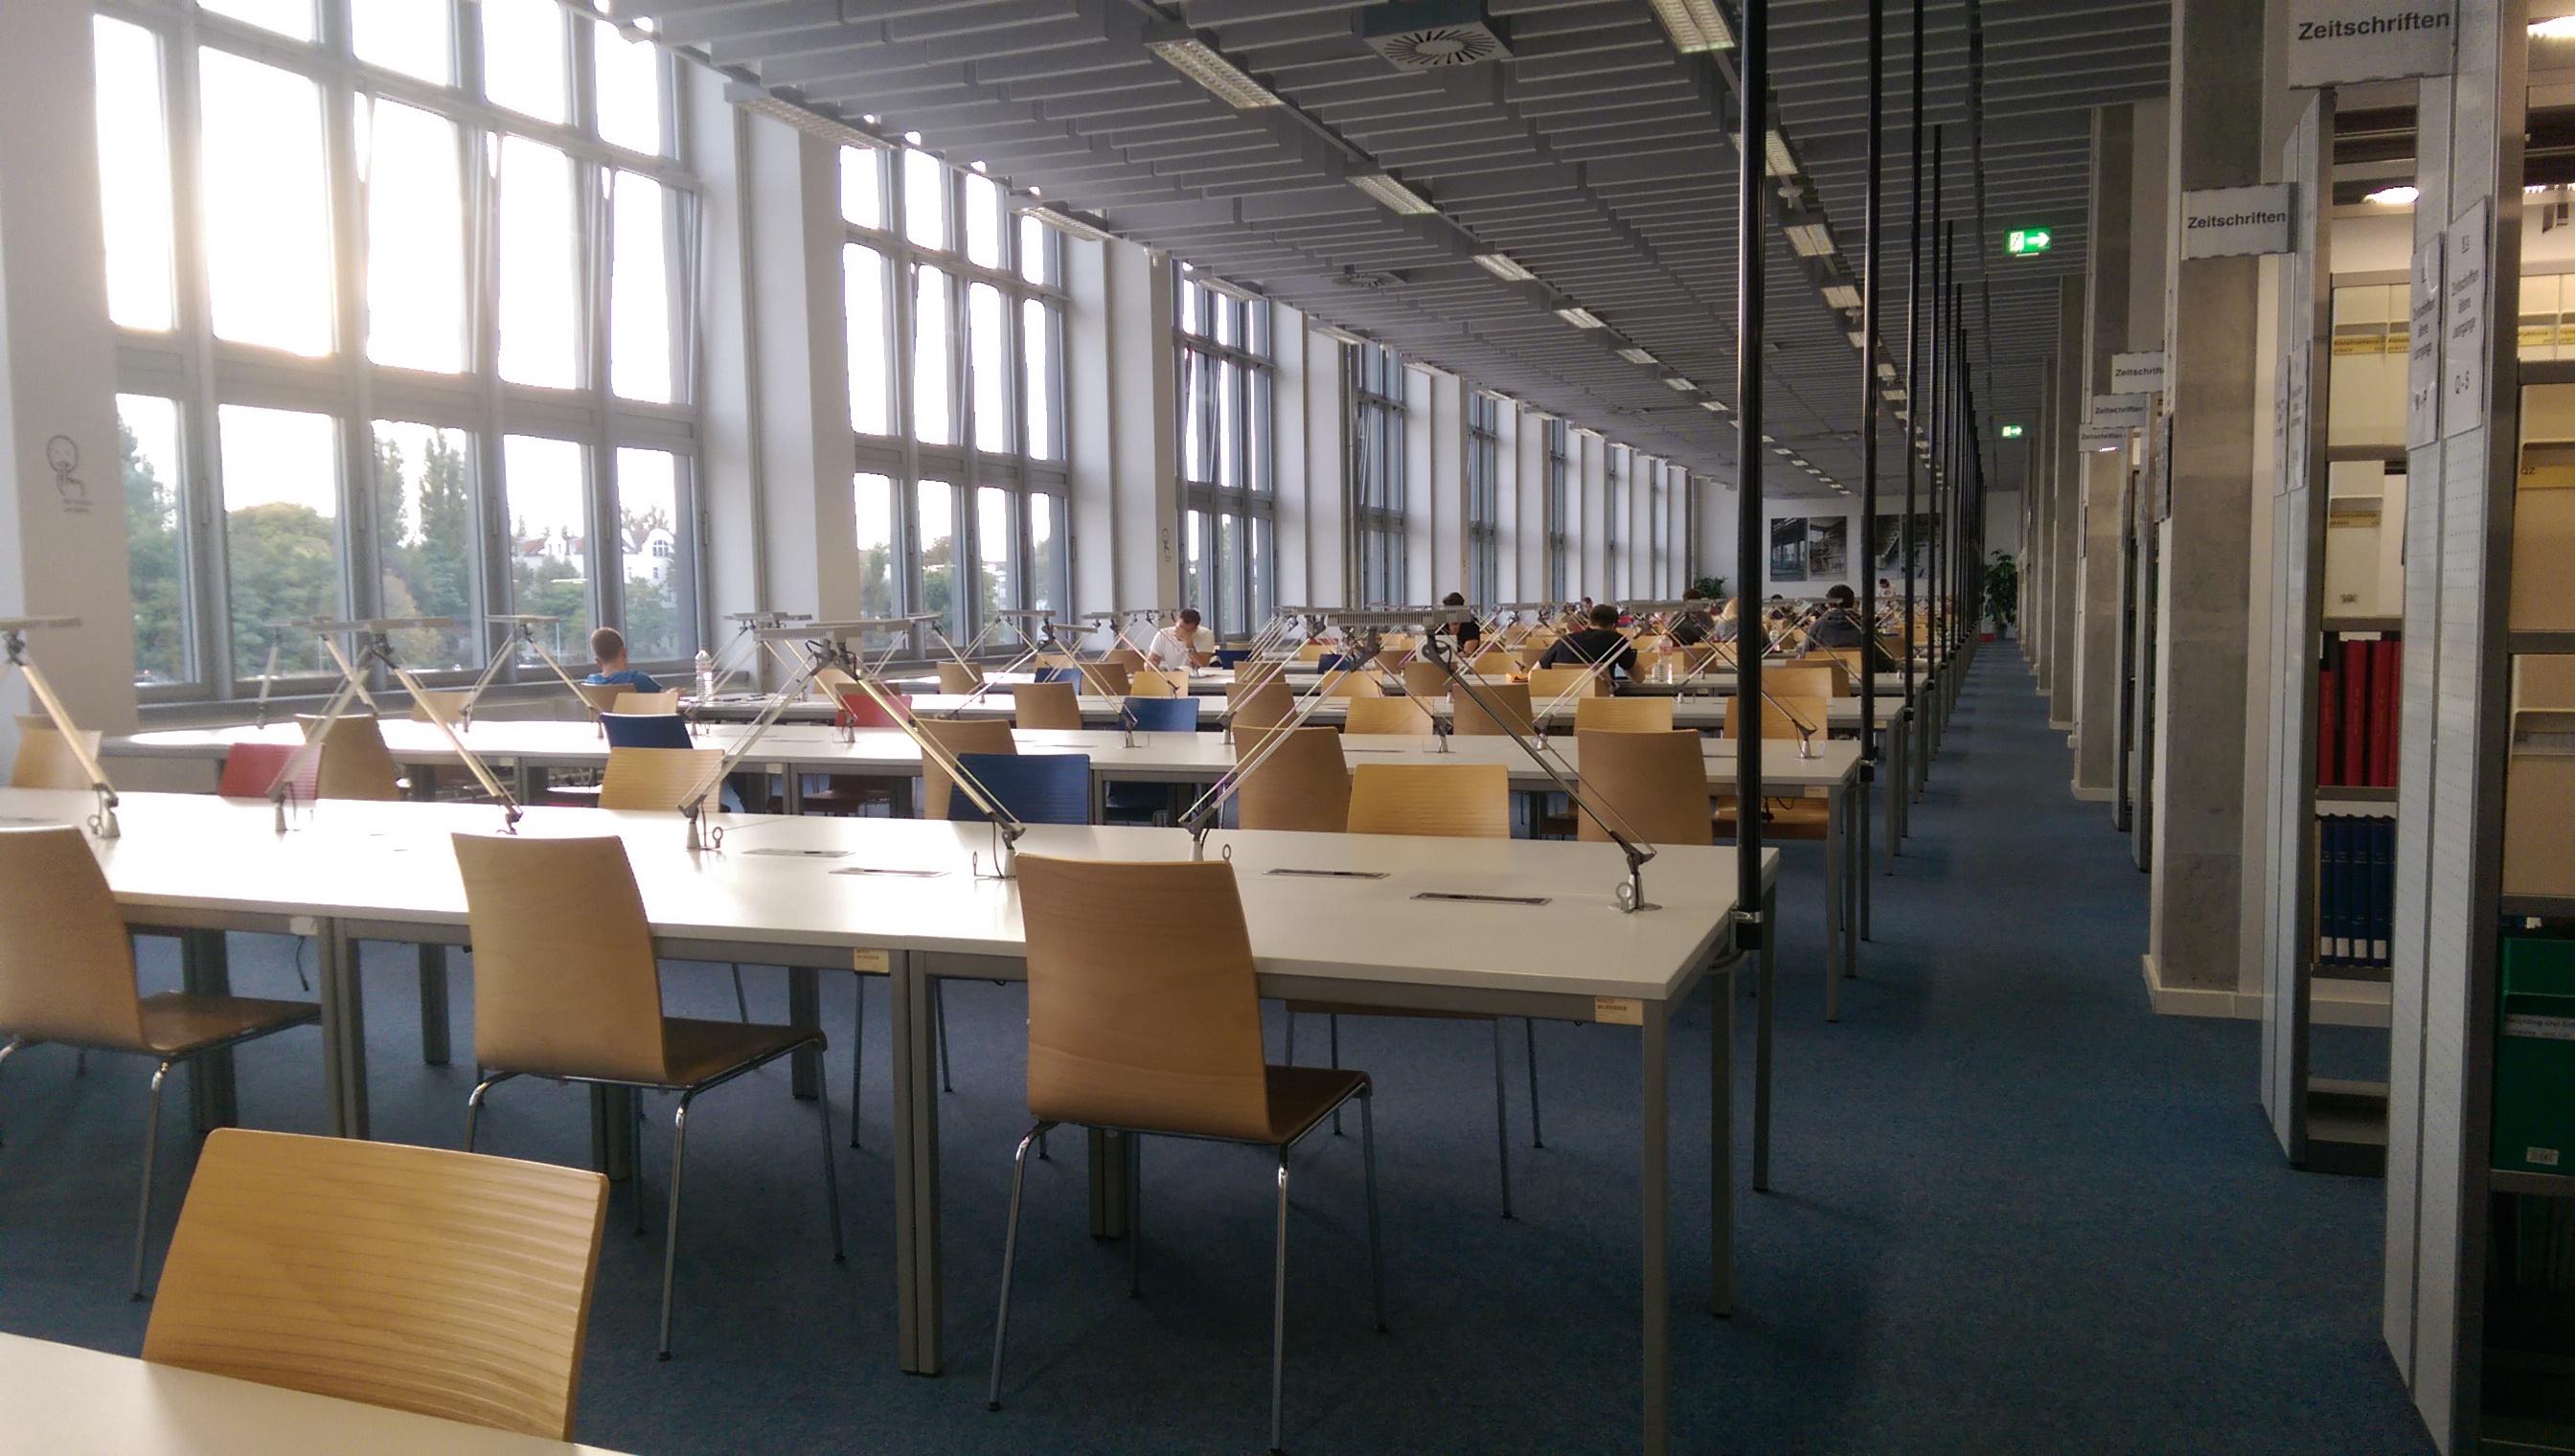 bibliothek campus johannstadt